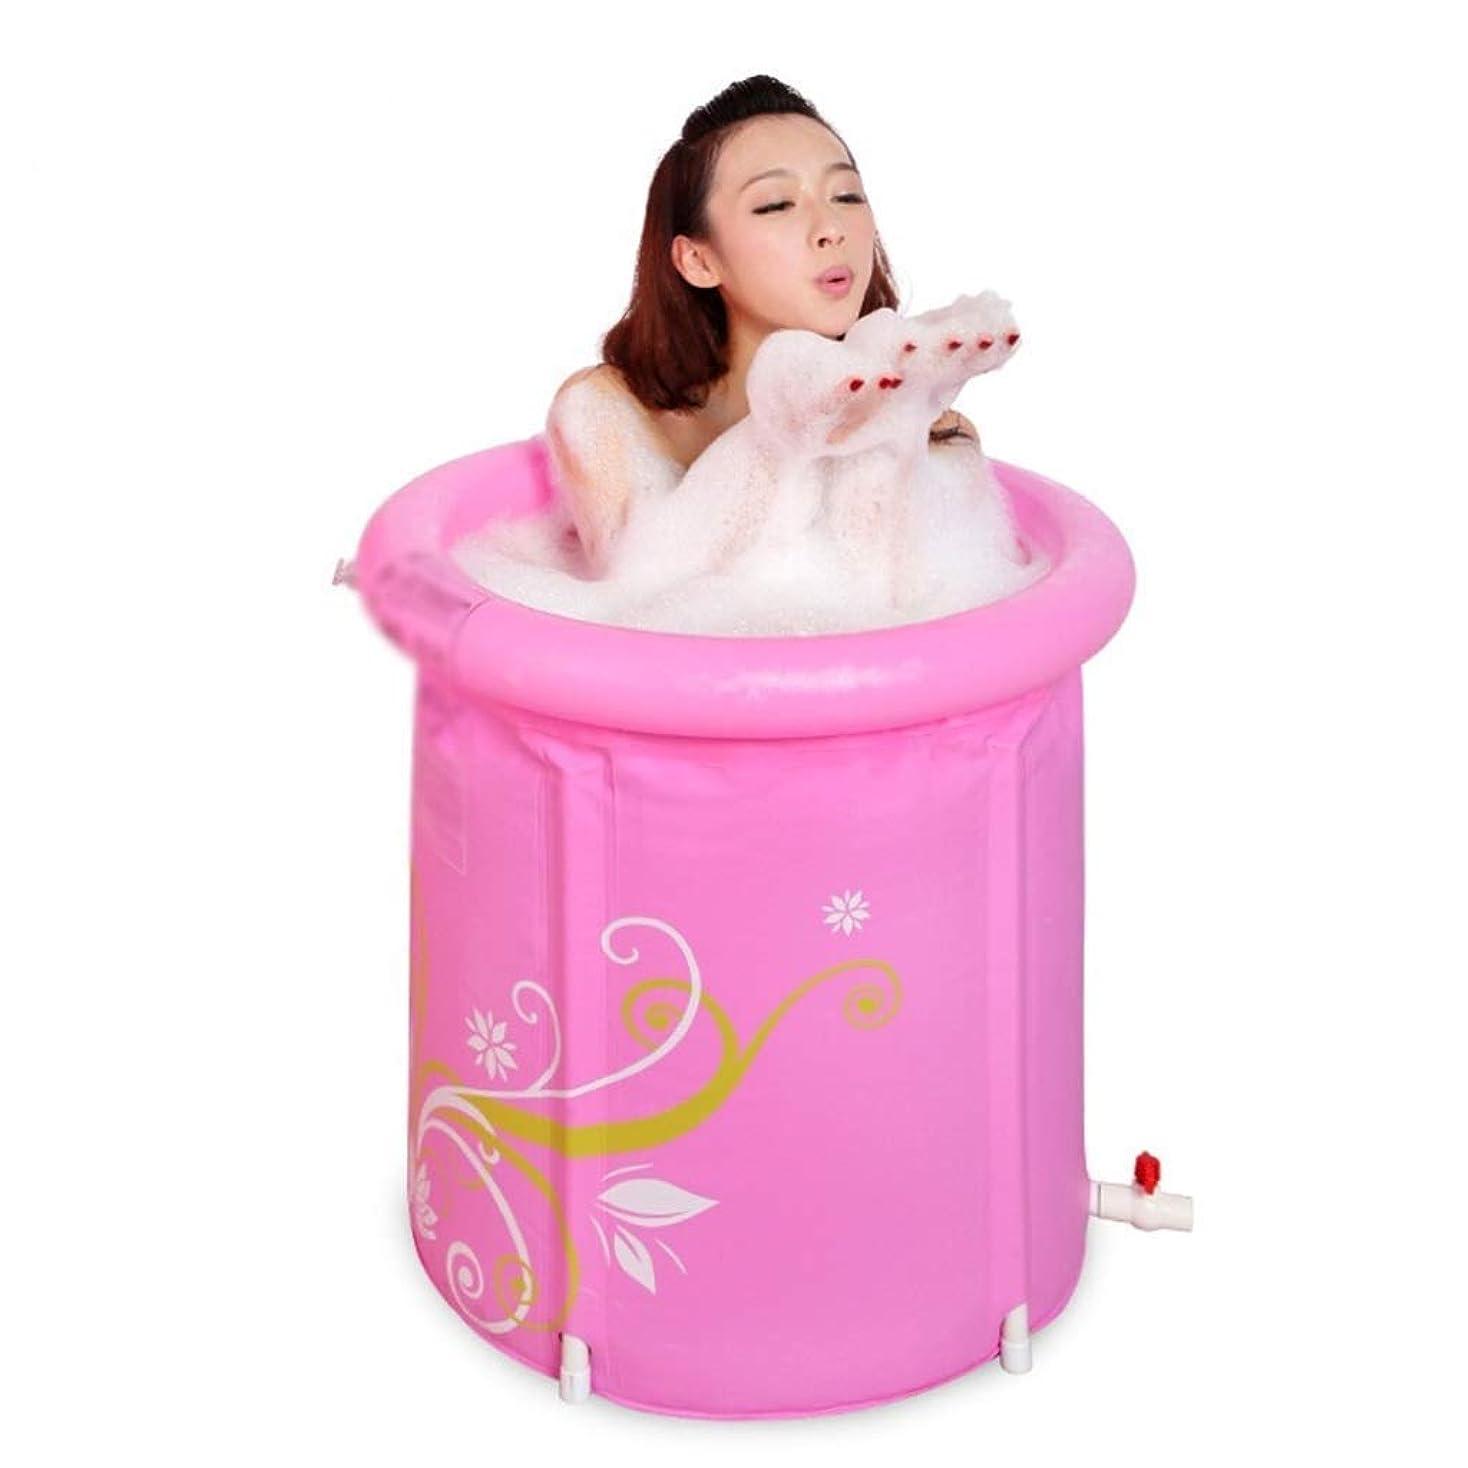 メッセージドリルどこでもSHYPT ピンクインフレータブルバスタブ、ポータブルプラスチックバスタブ、アダルトバスルーム用PVCバスタブ浴槽スパ